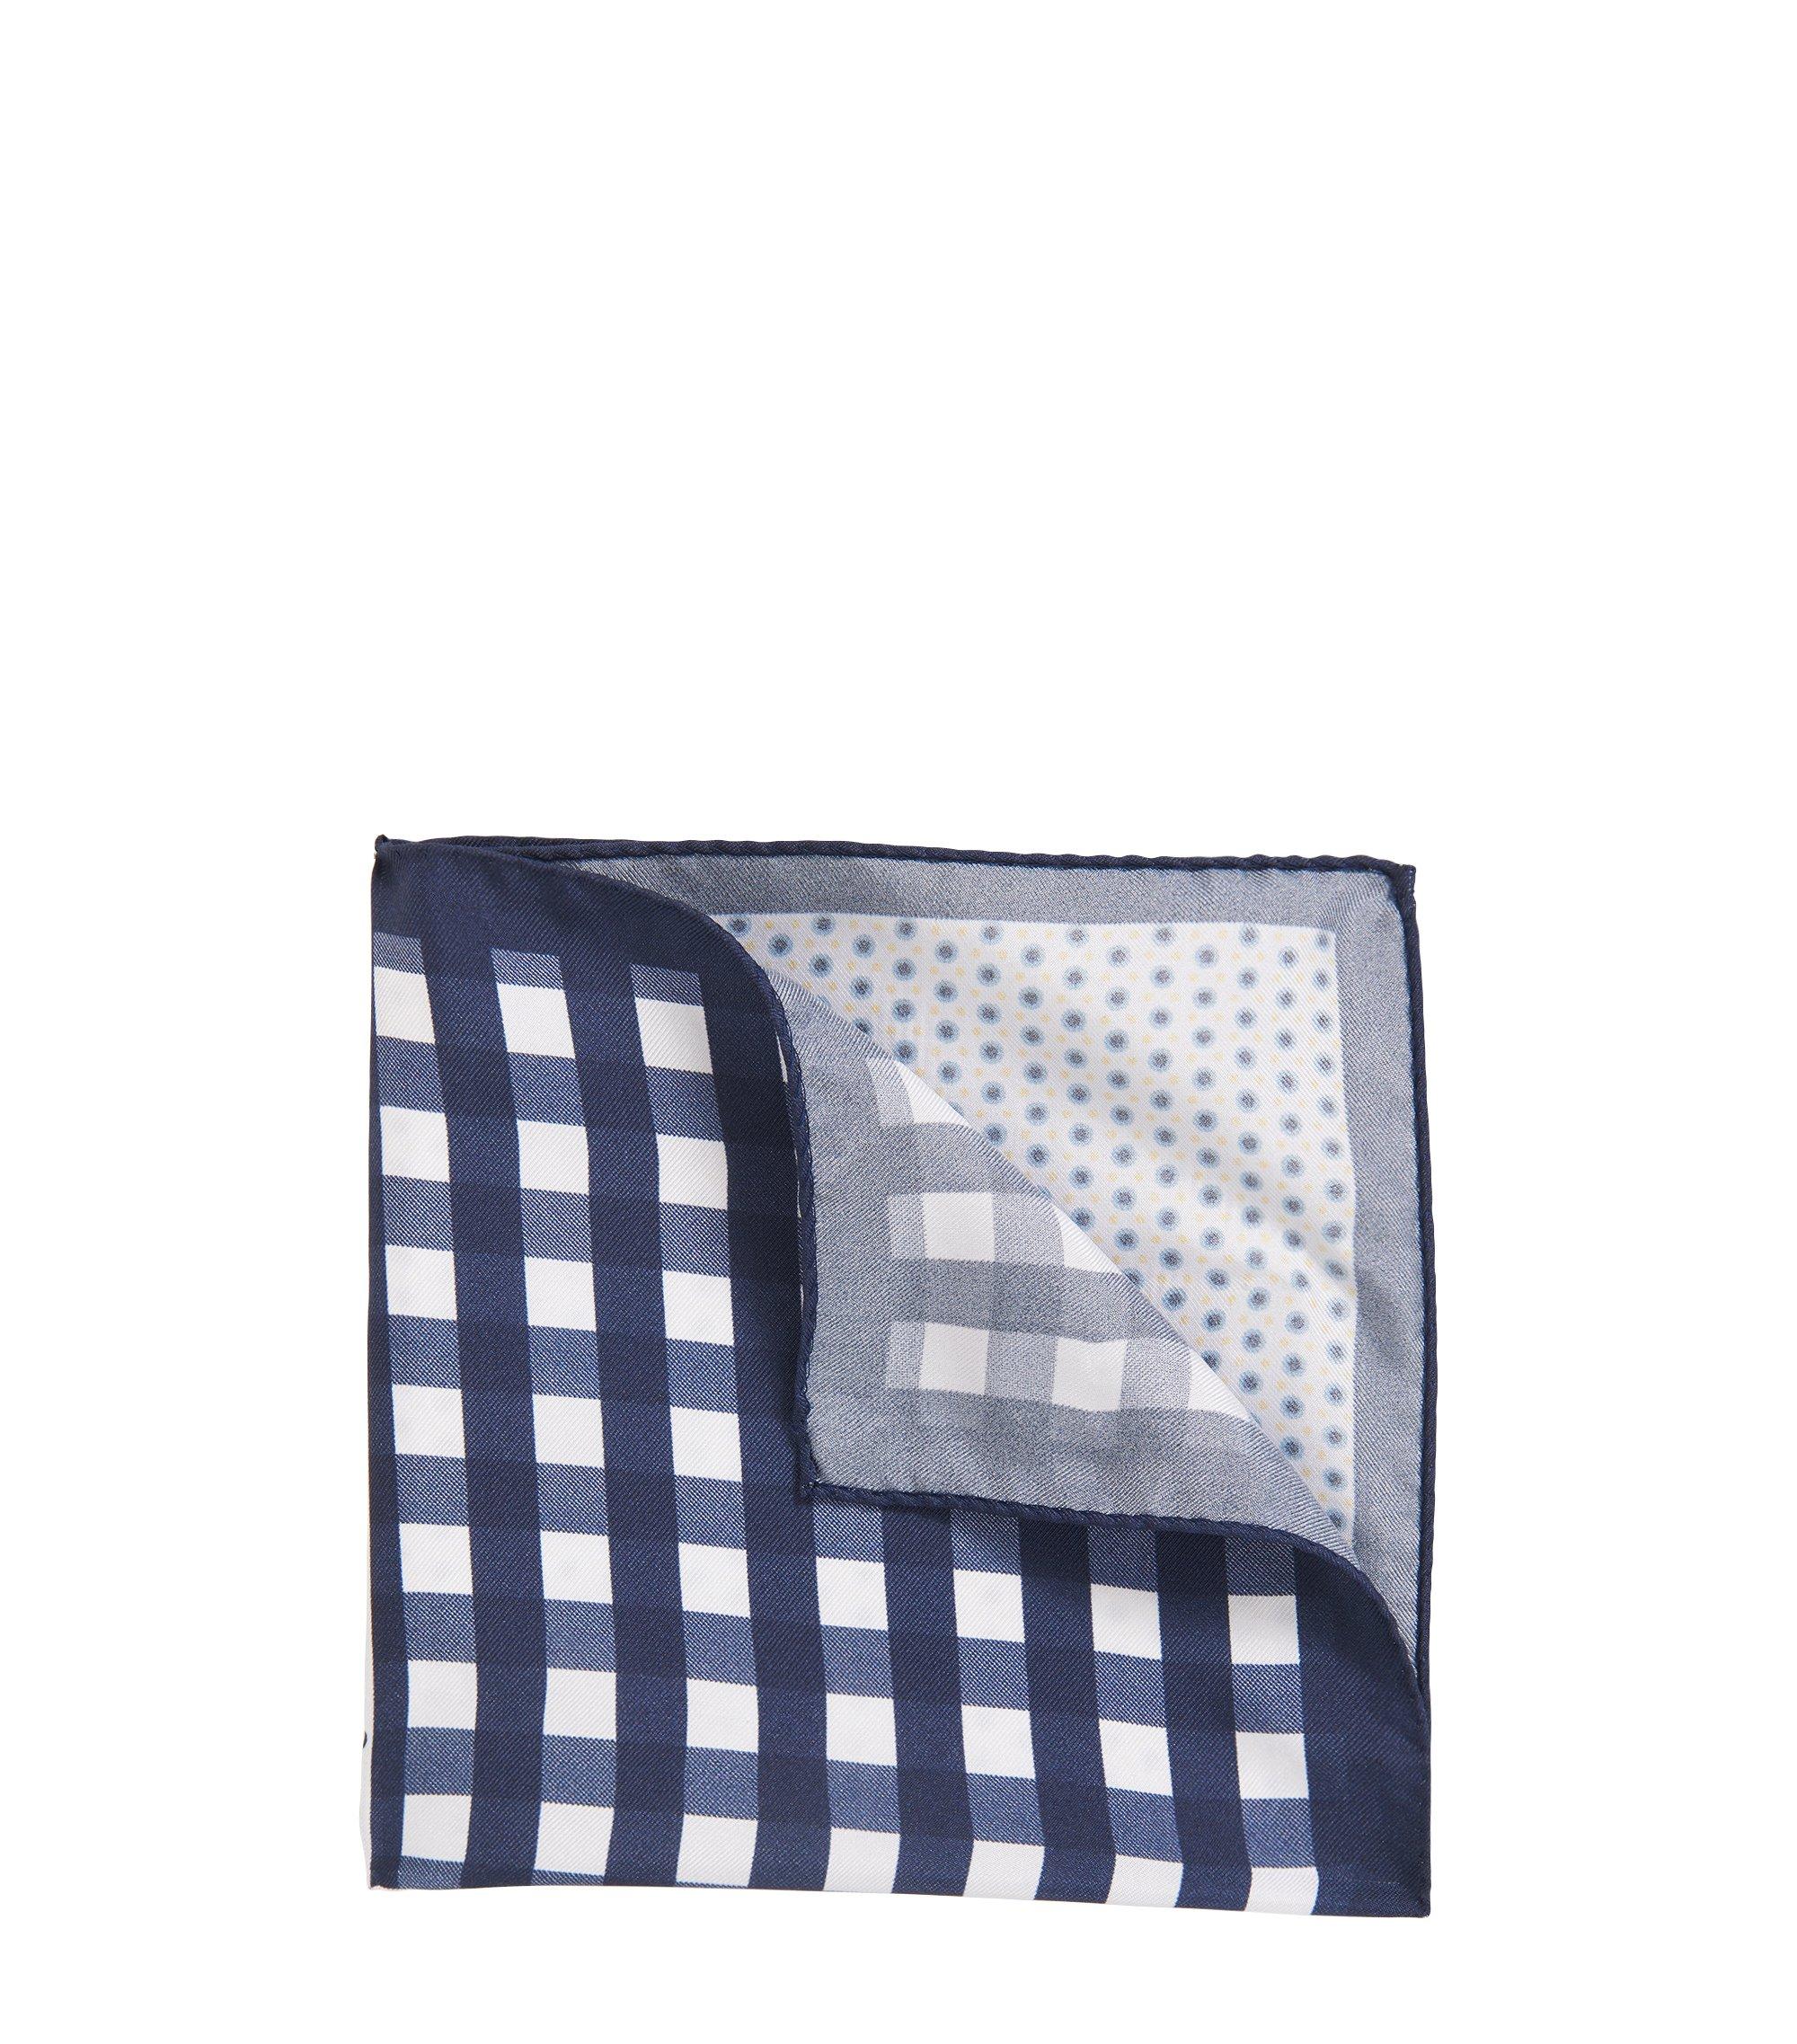 Pochette da taschino in pura seta con disegni, Blu scuro